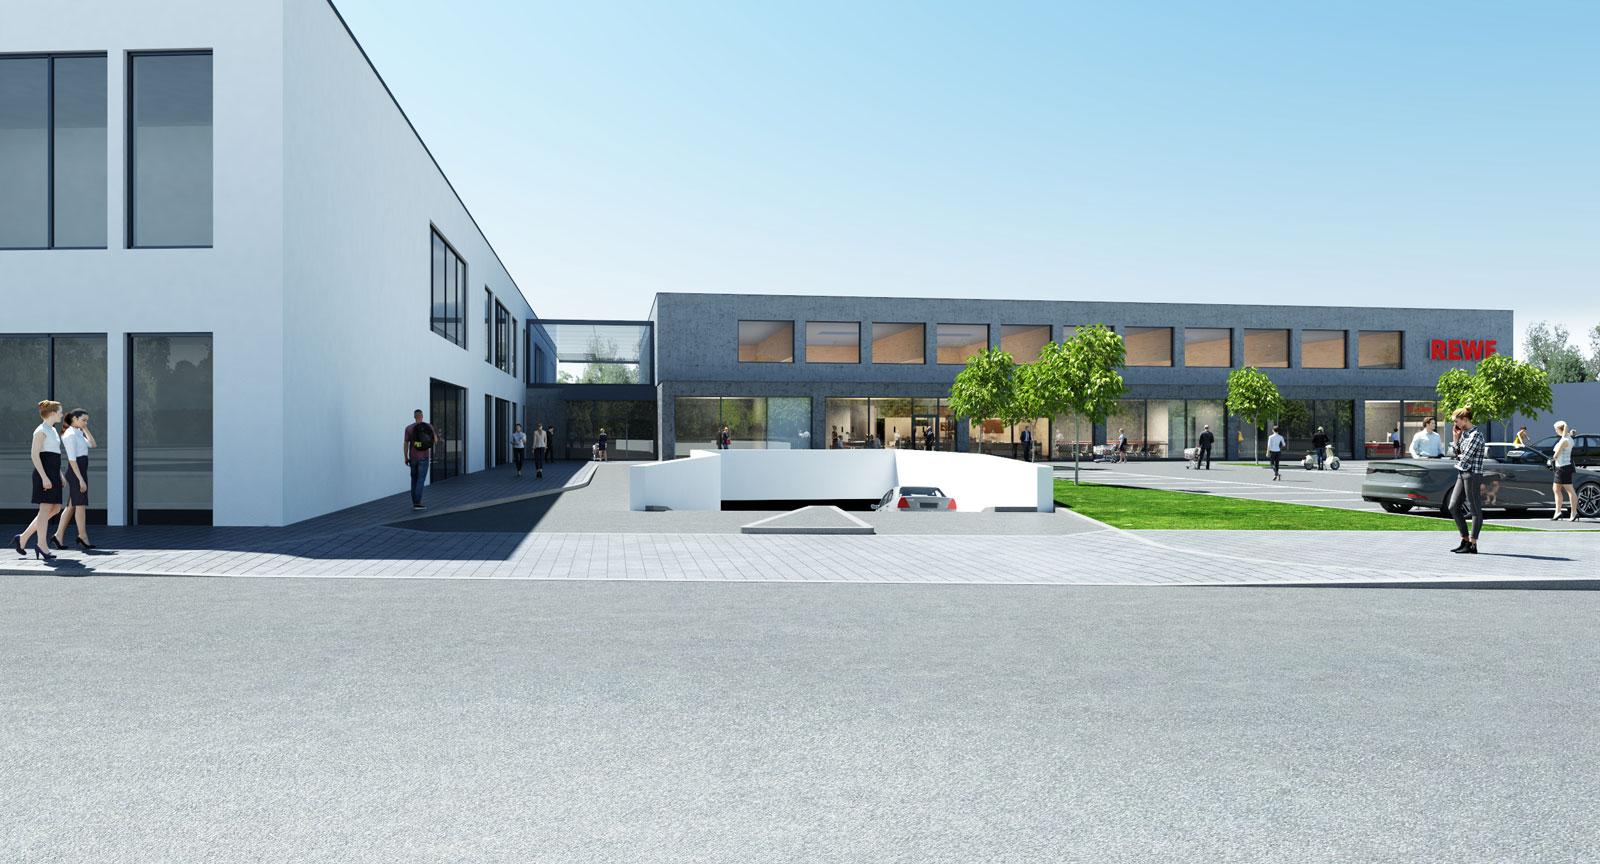 REWE Berlin Friedrichshain Revaler Str. Innovatives Pilotprojekt: Infraleichtbeton im Gewerbebau